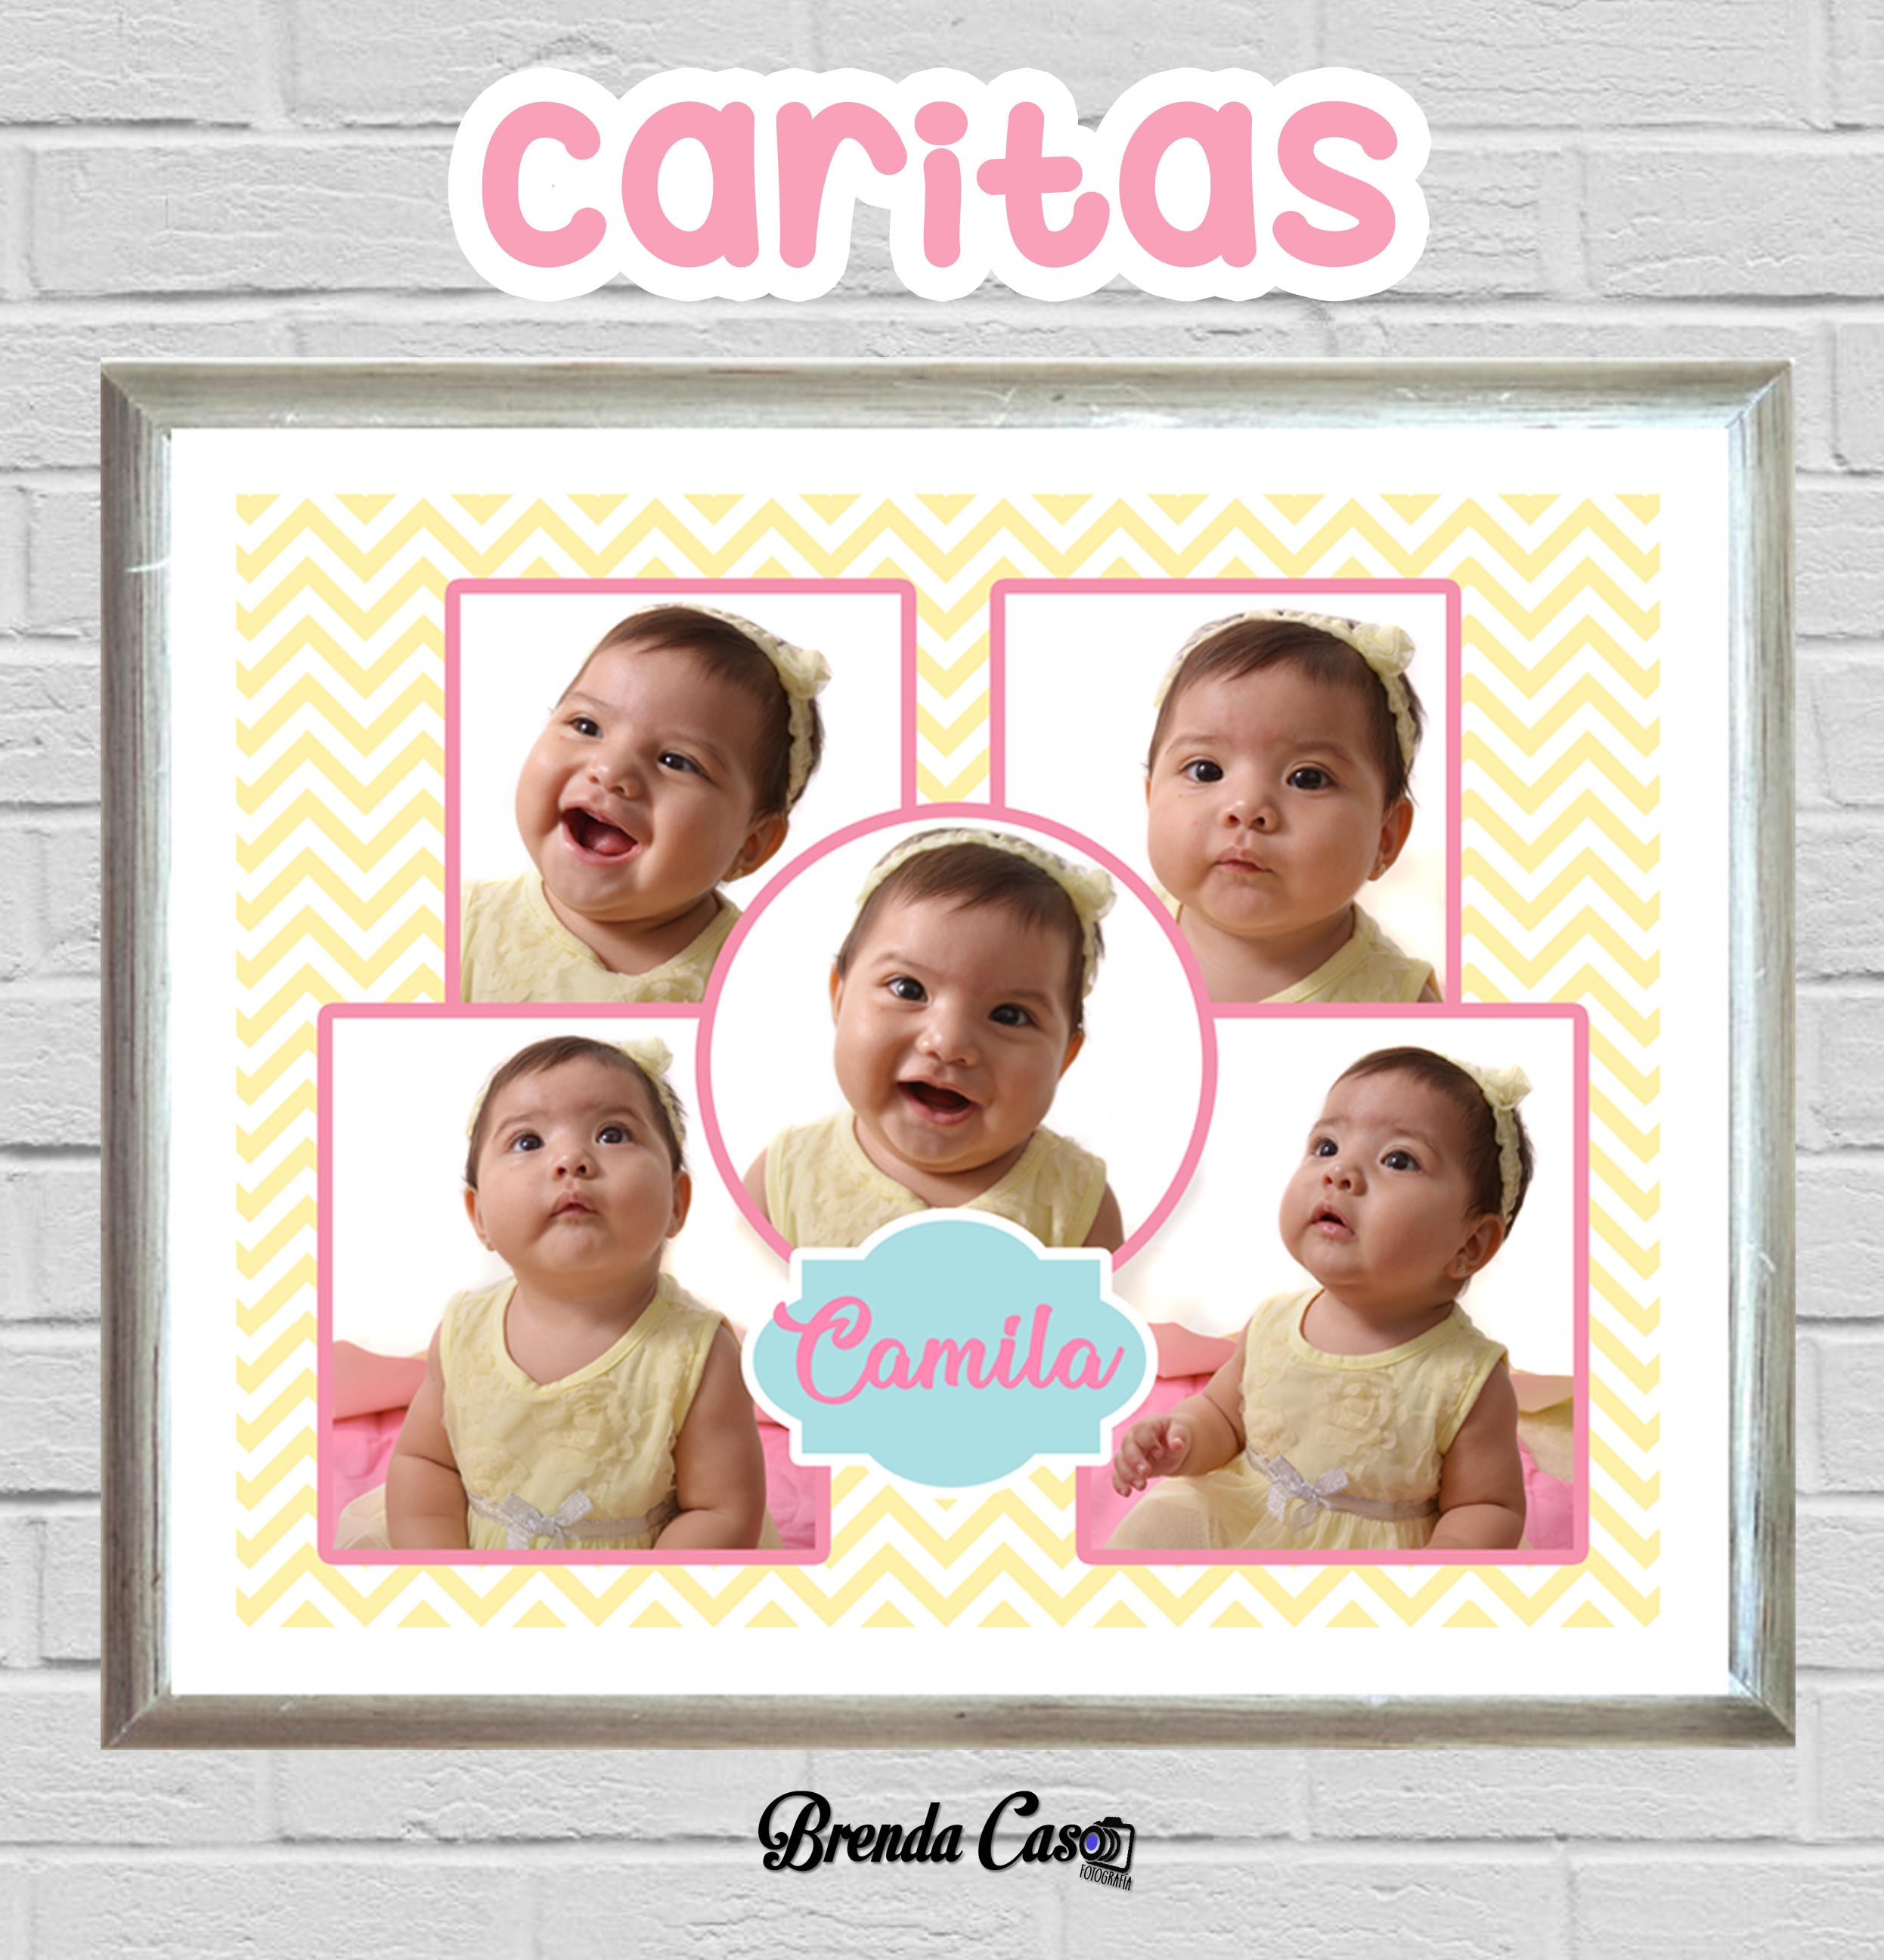 CARITAS 50x40